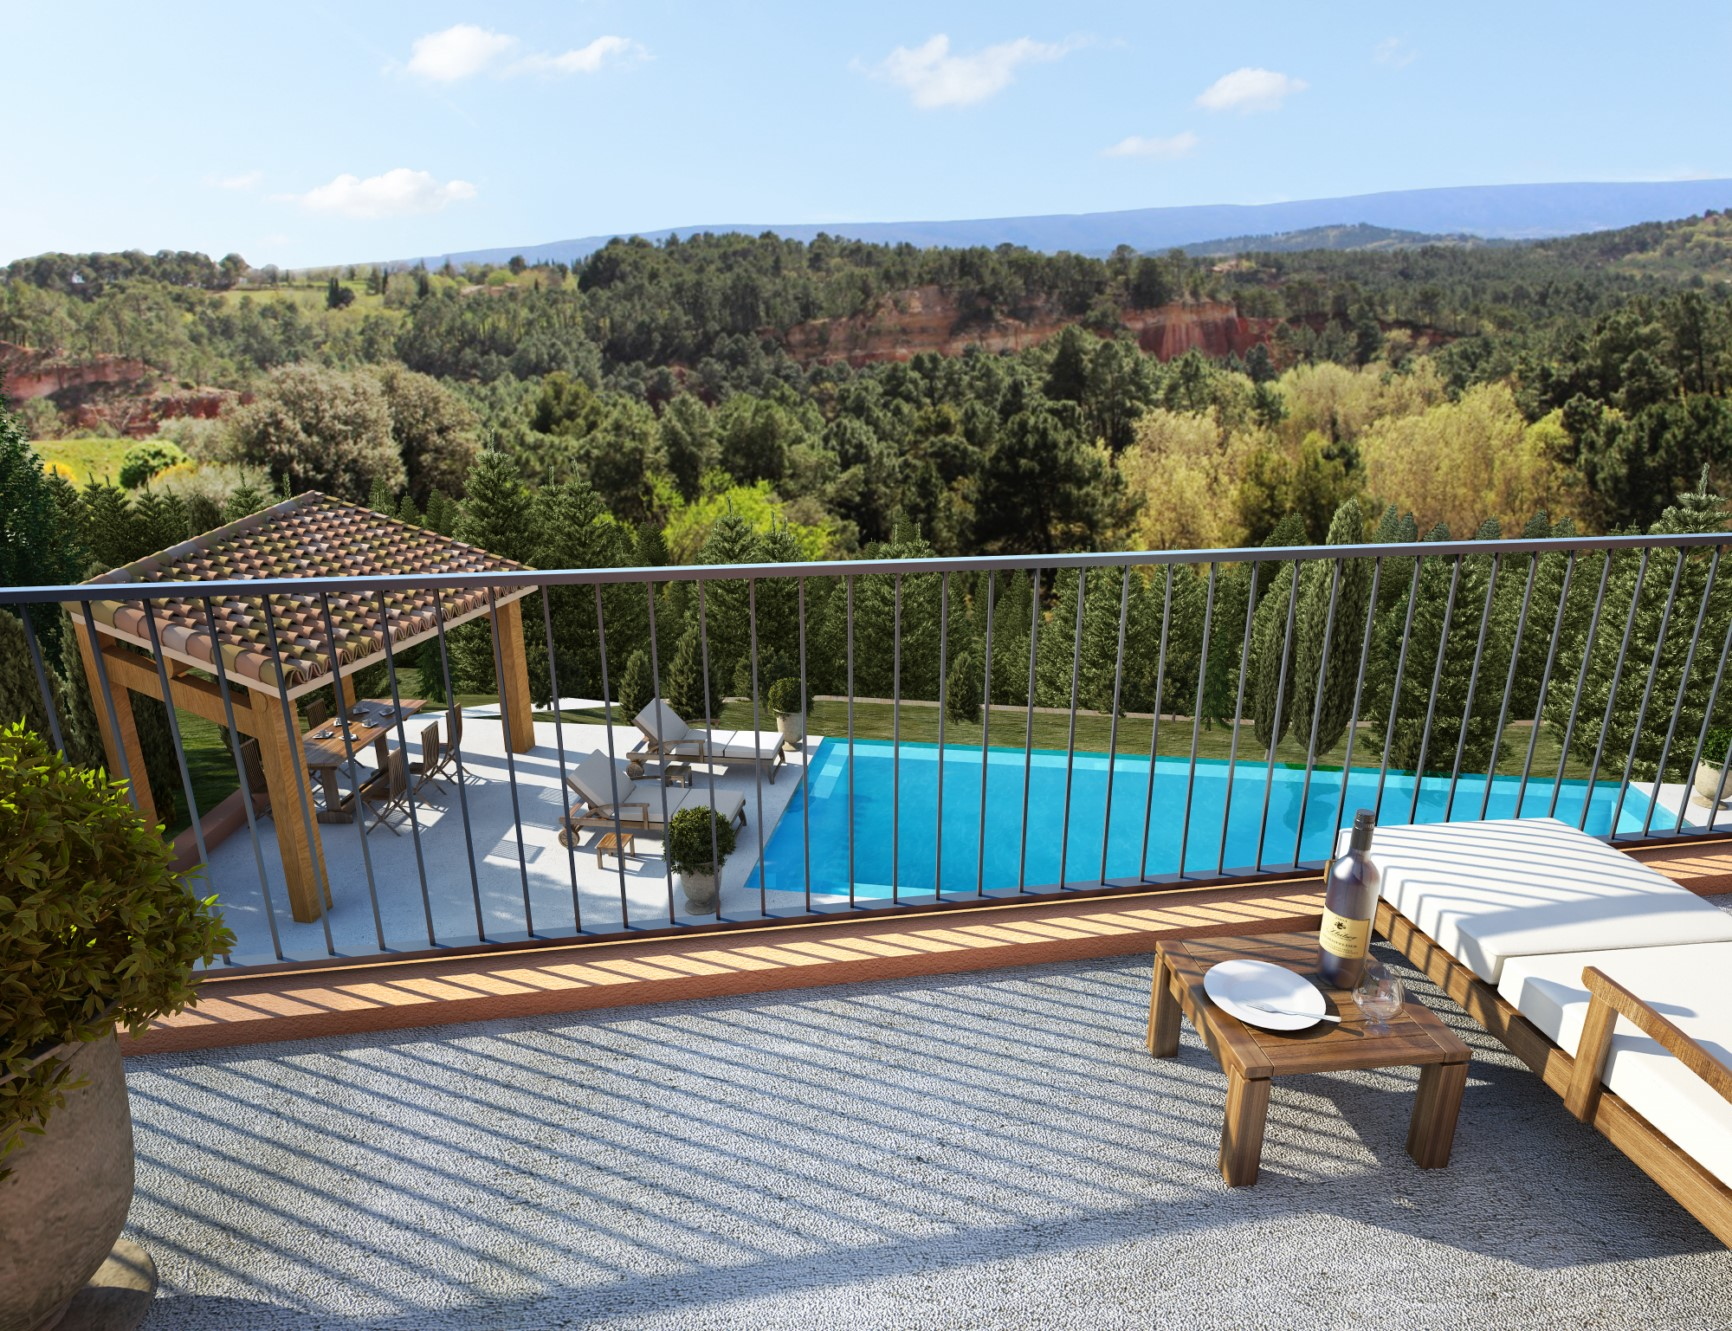 Terrain à vendre en Luberon avec un projet de construction d'une maison contemporaine